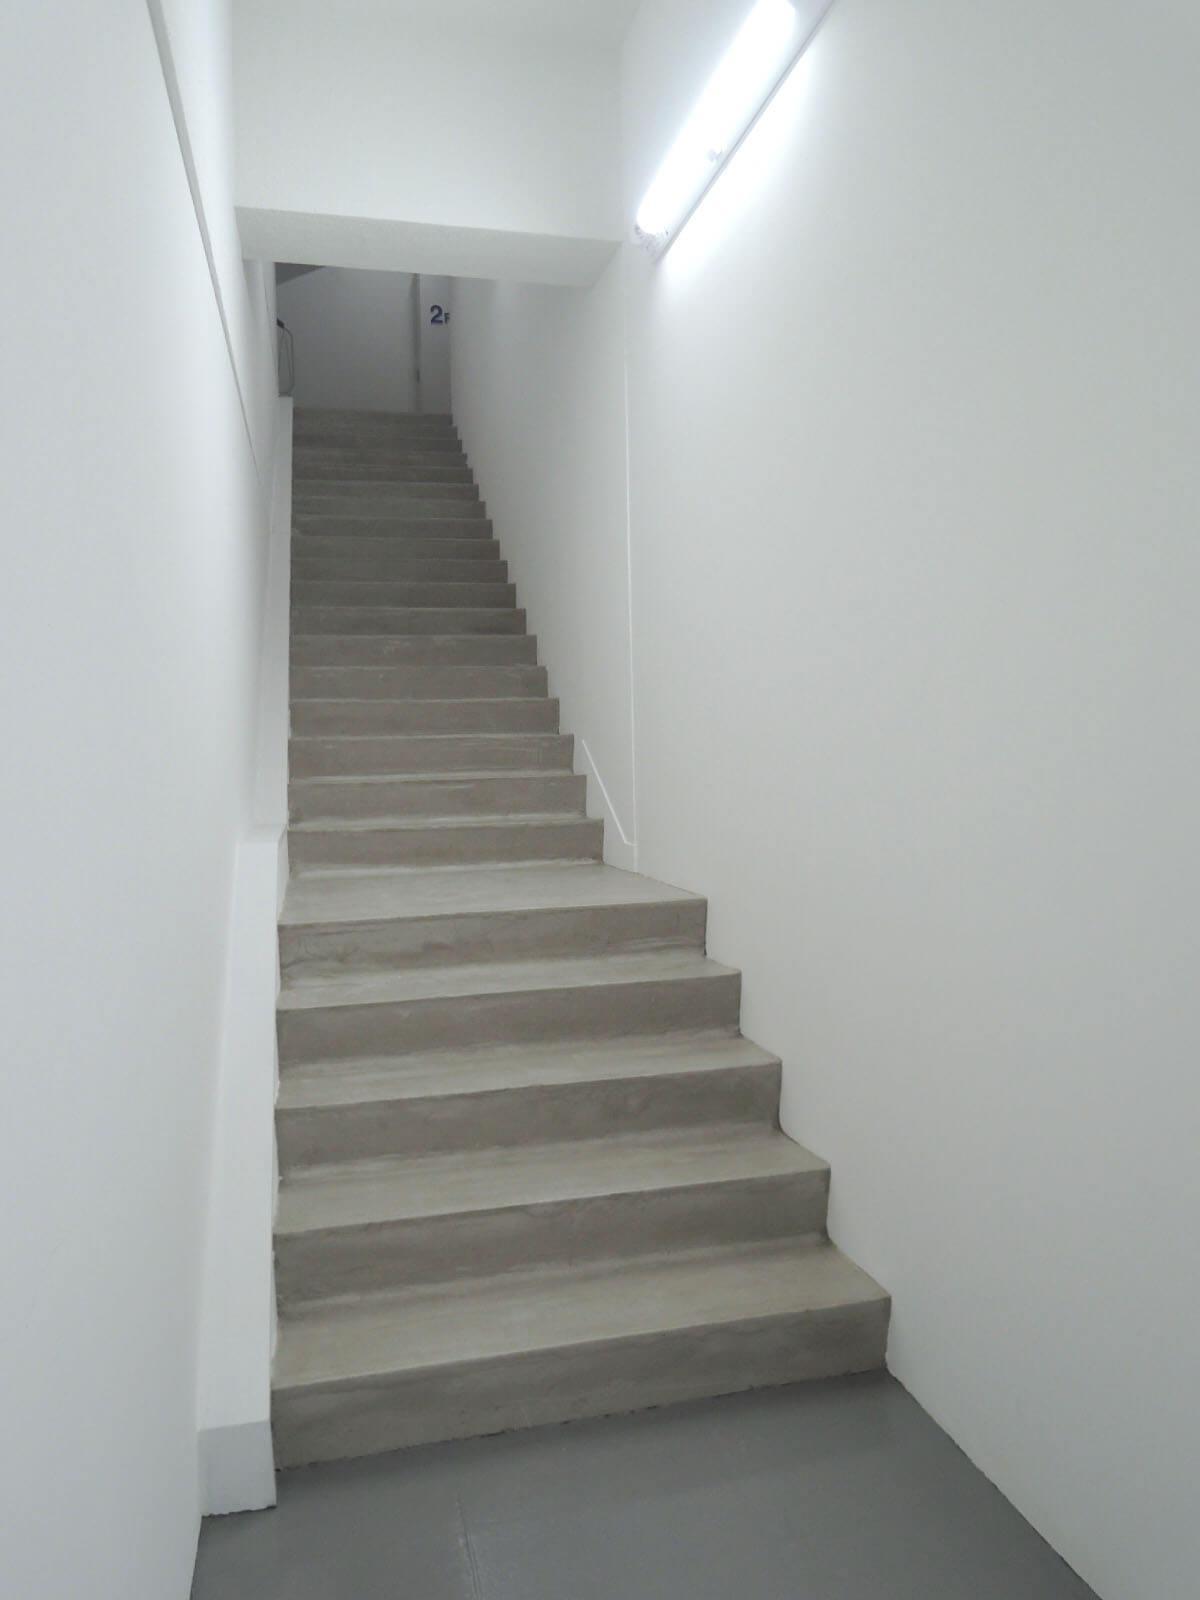 2階までは全員この階段を上らねばなりません!